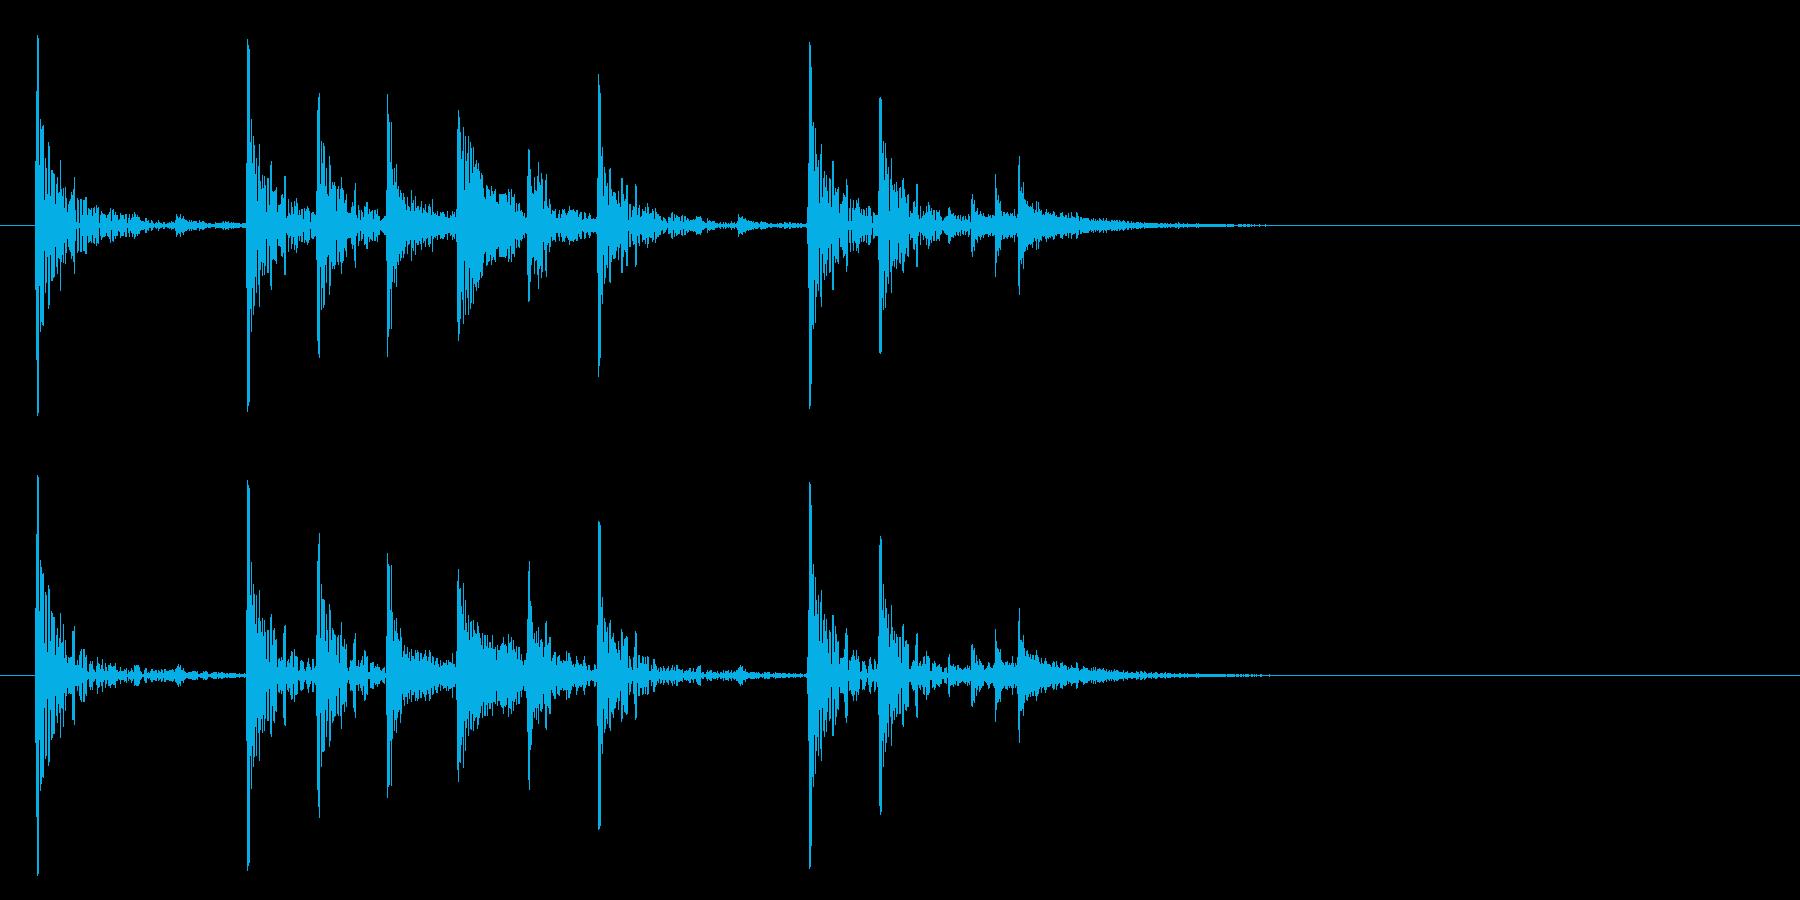 定番のリズム ドッチドド カラカカン#1の再生済みの波形